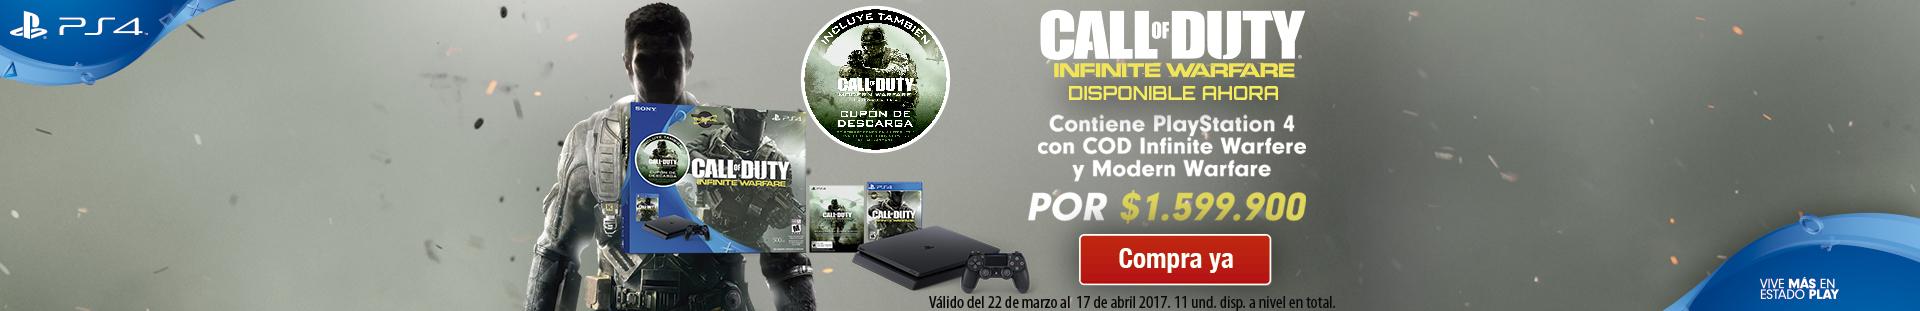 consolas COD infinite warfare